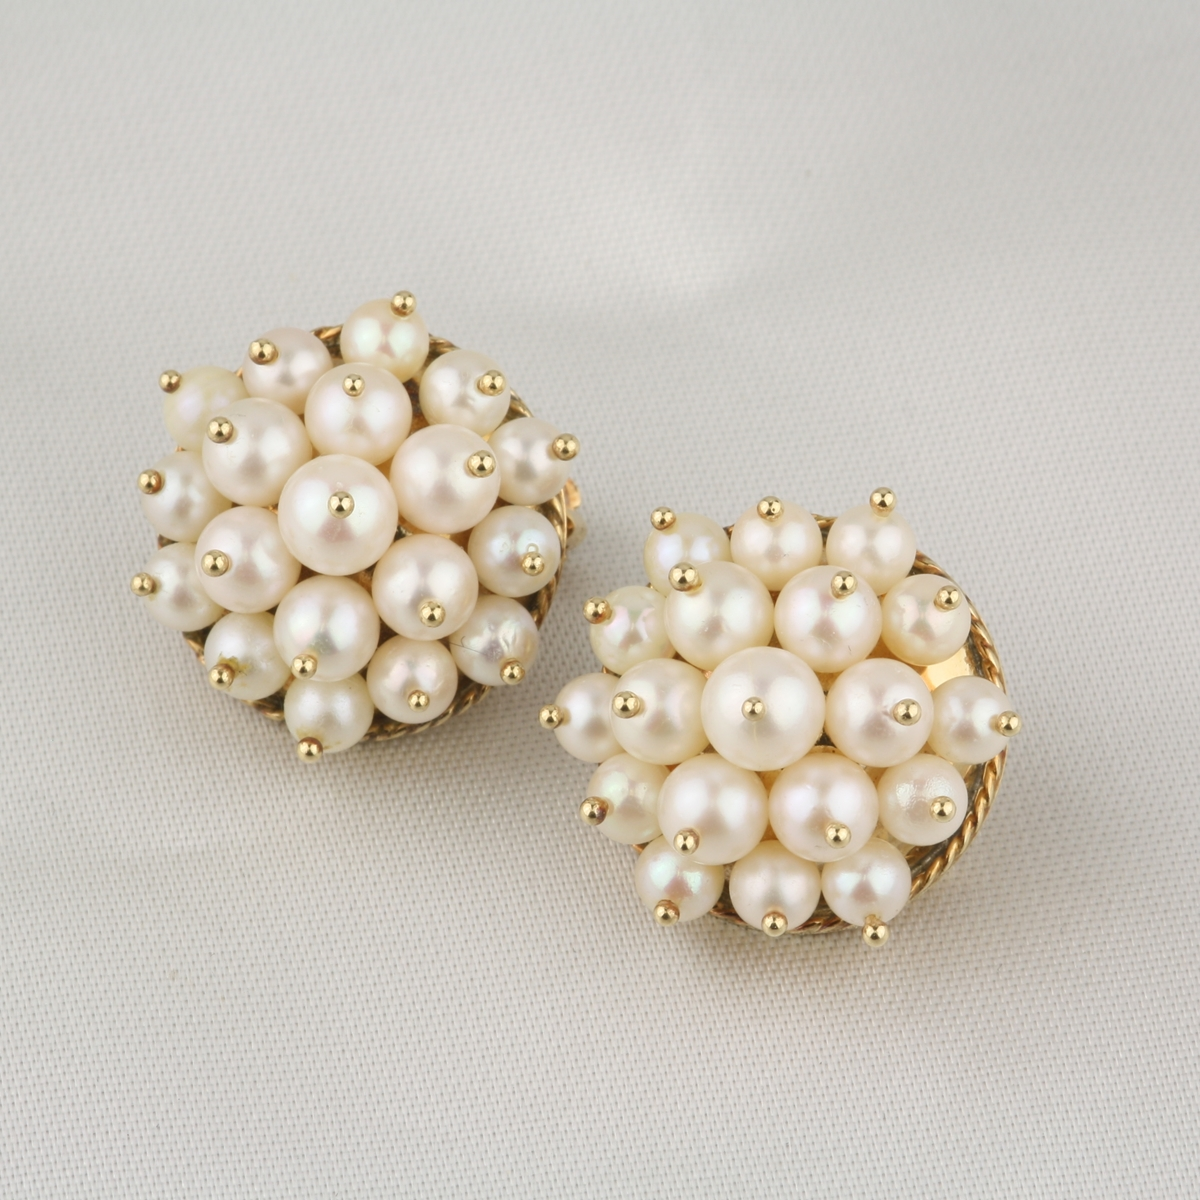 Vintage Cultured Pearl Earrings